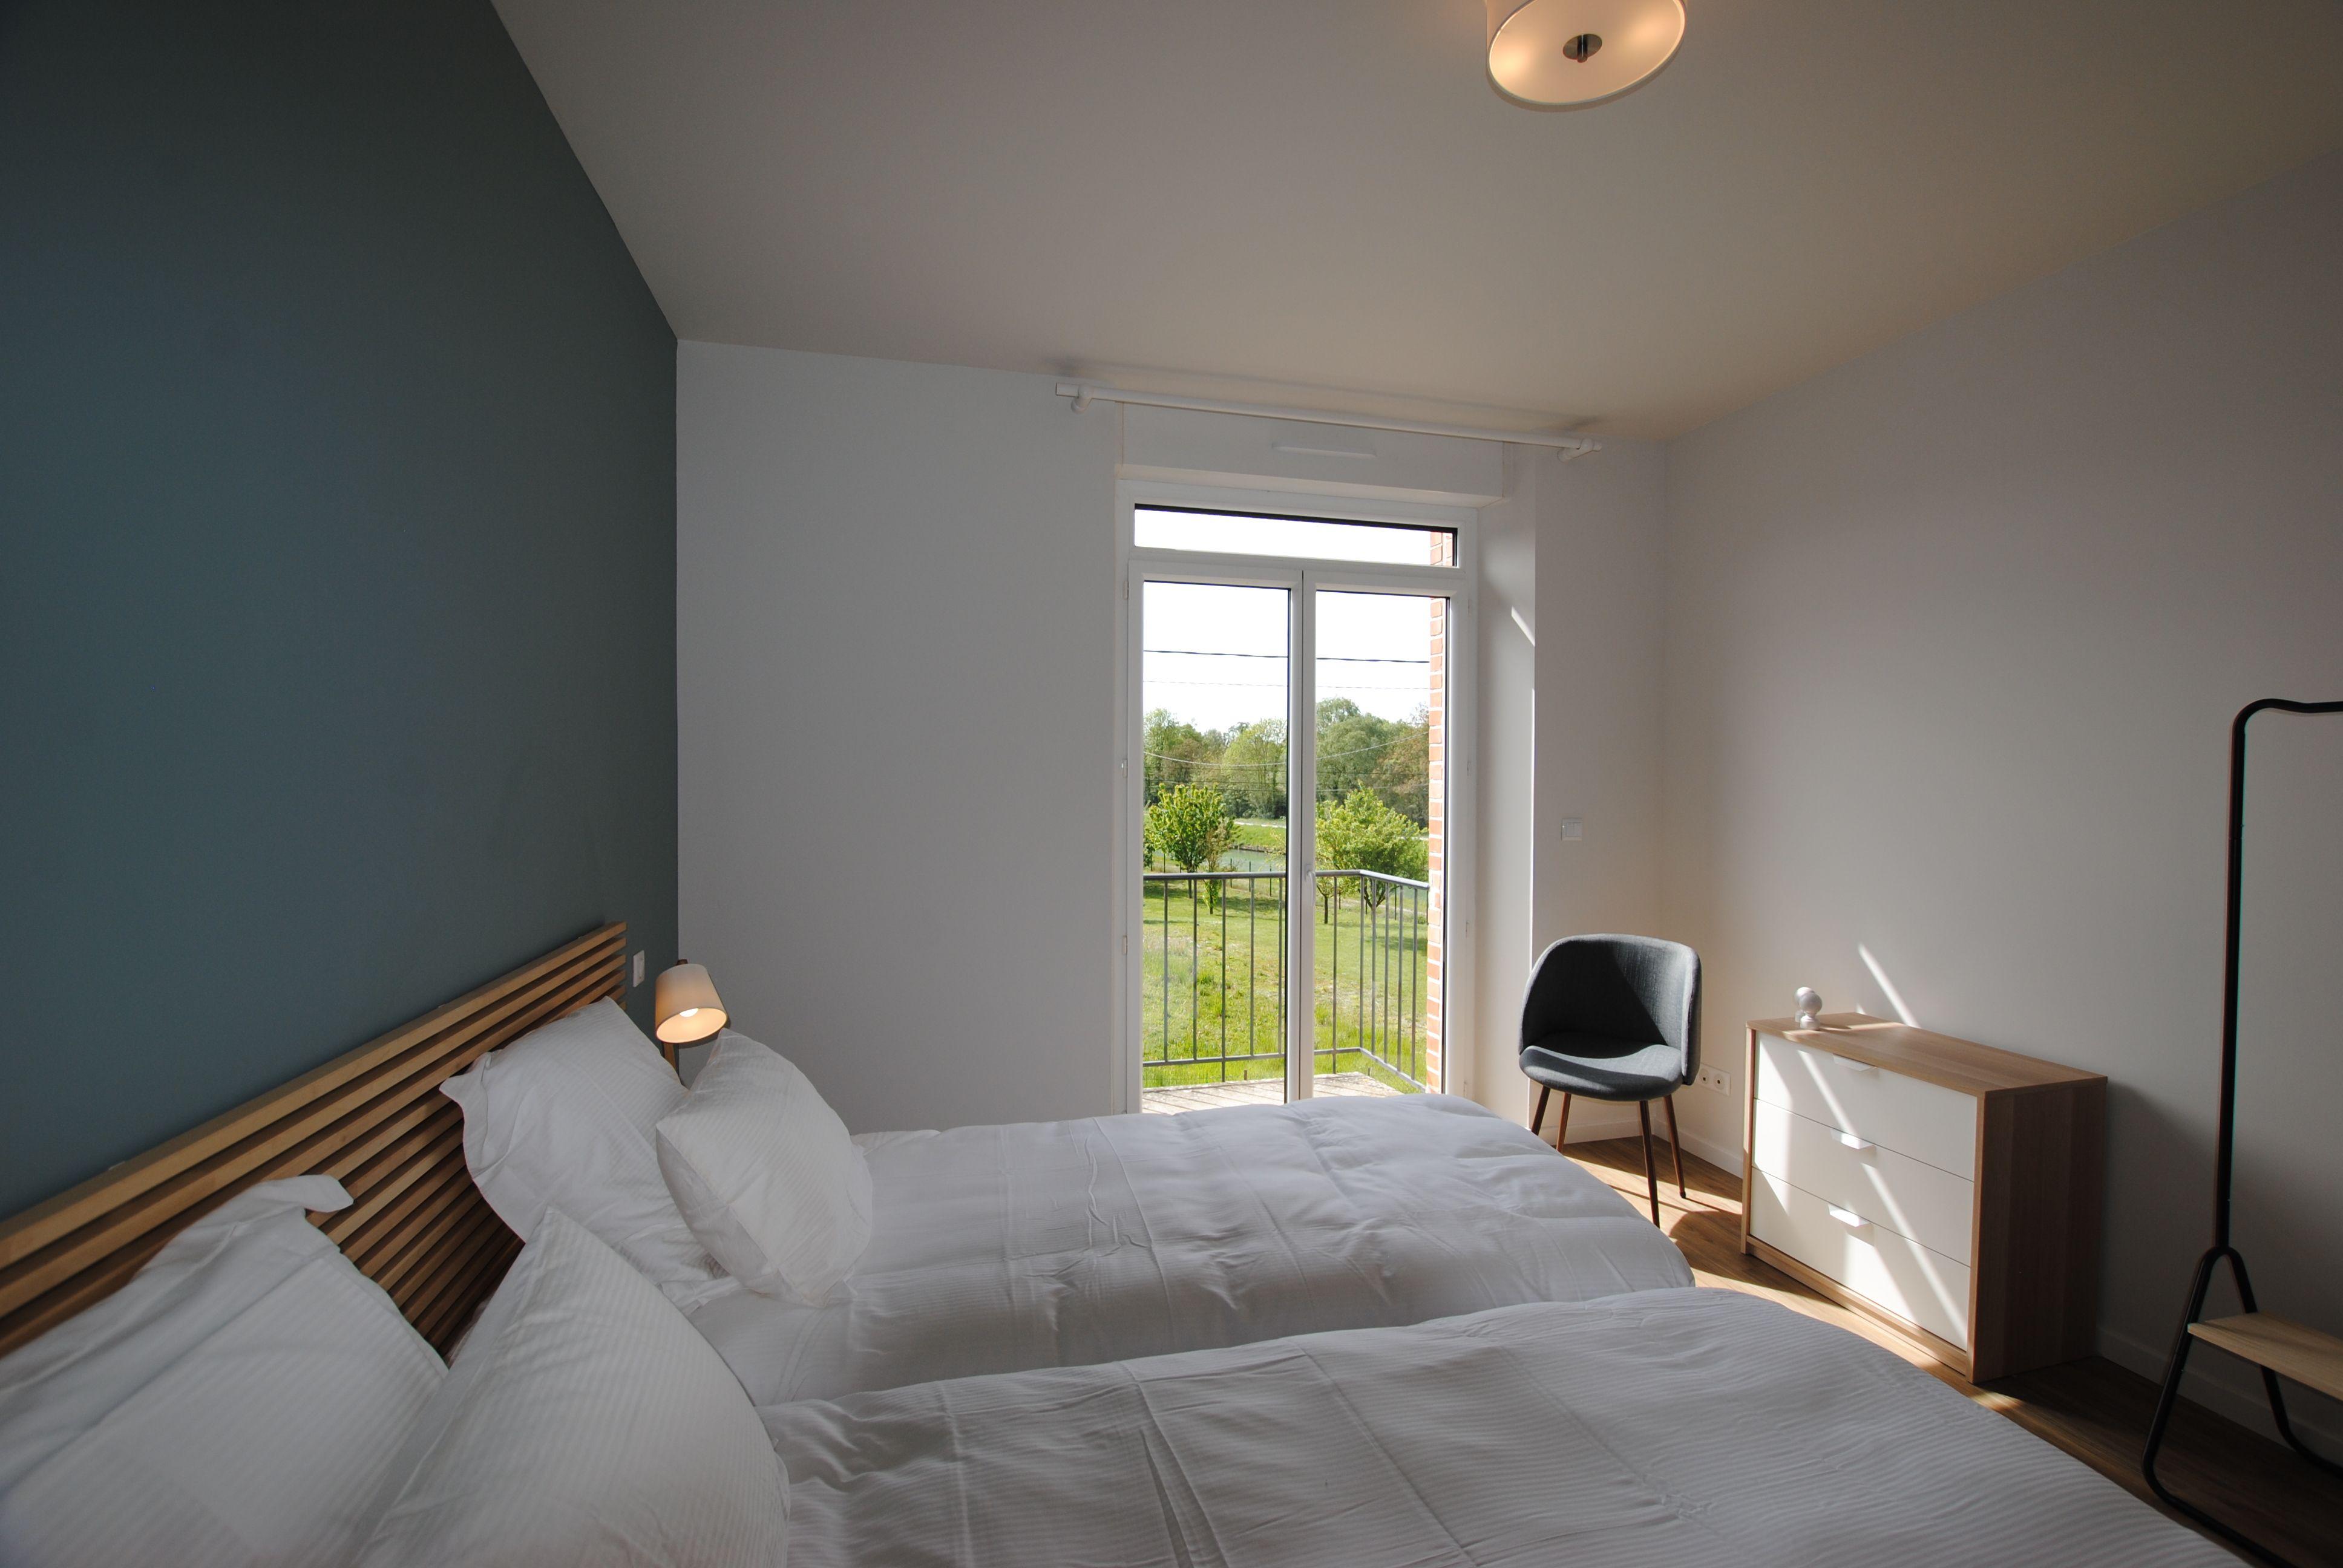 51G494 - Pogny - La Maison Gabriel - chambre 2 1er étage